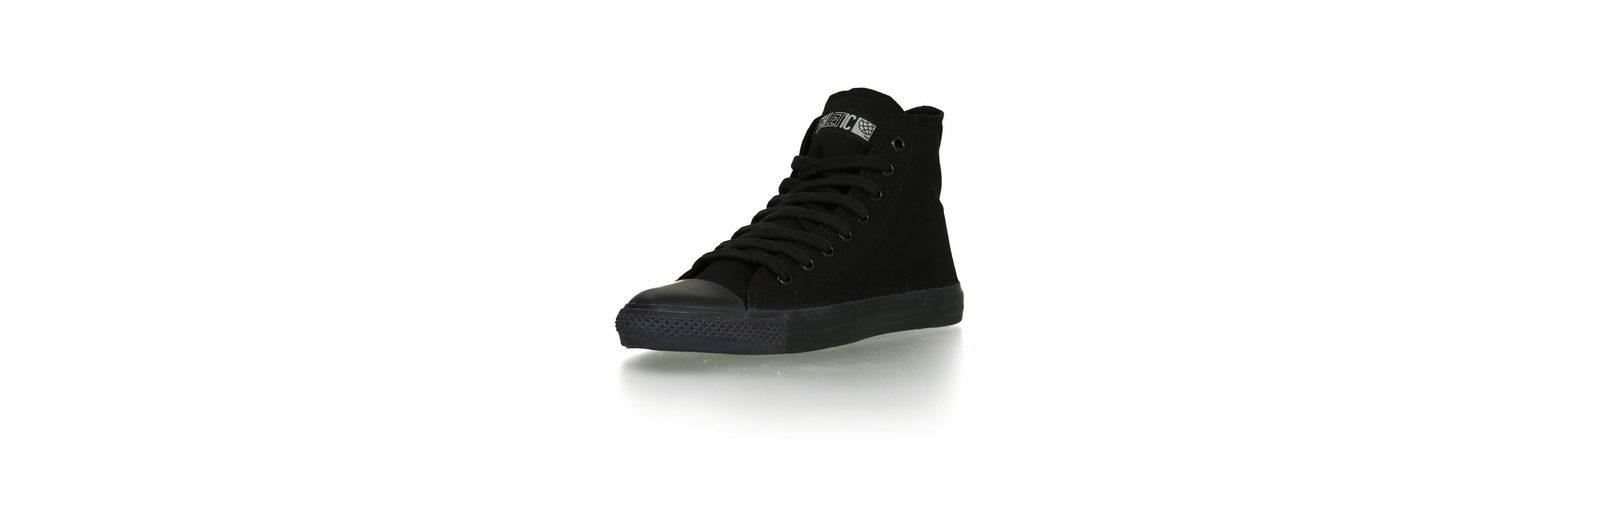 ETHLETIC Sneaker aus nachhaltiger Produktion Black Cap Hi Cut Classic Freies Verschiffen Das Preiswerteste Verkauf Niedriger Versand Verkauf Echt x9gIPvkF